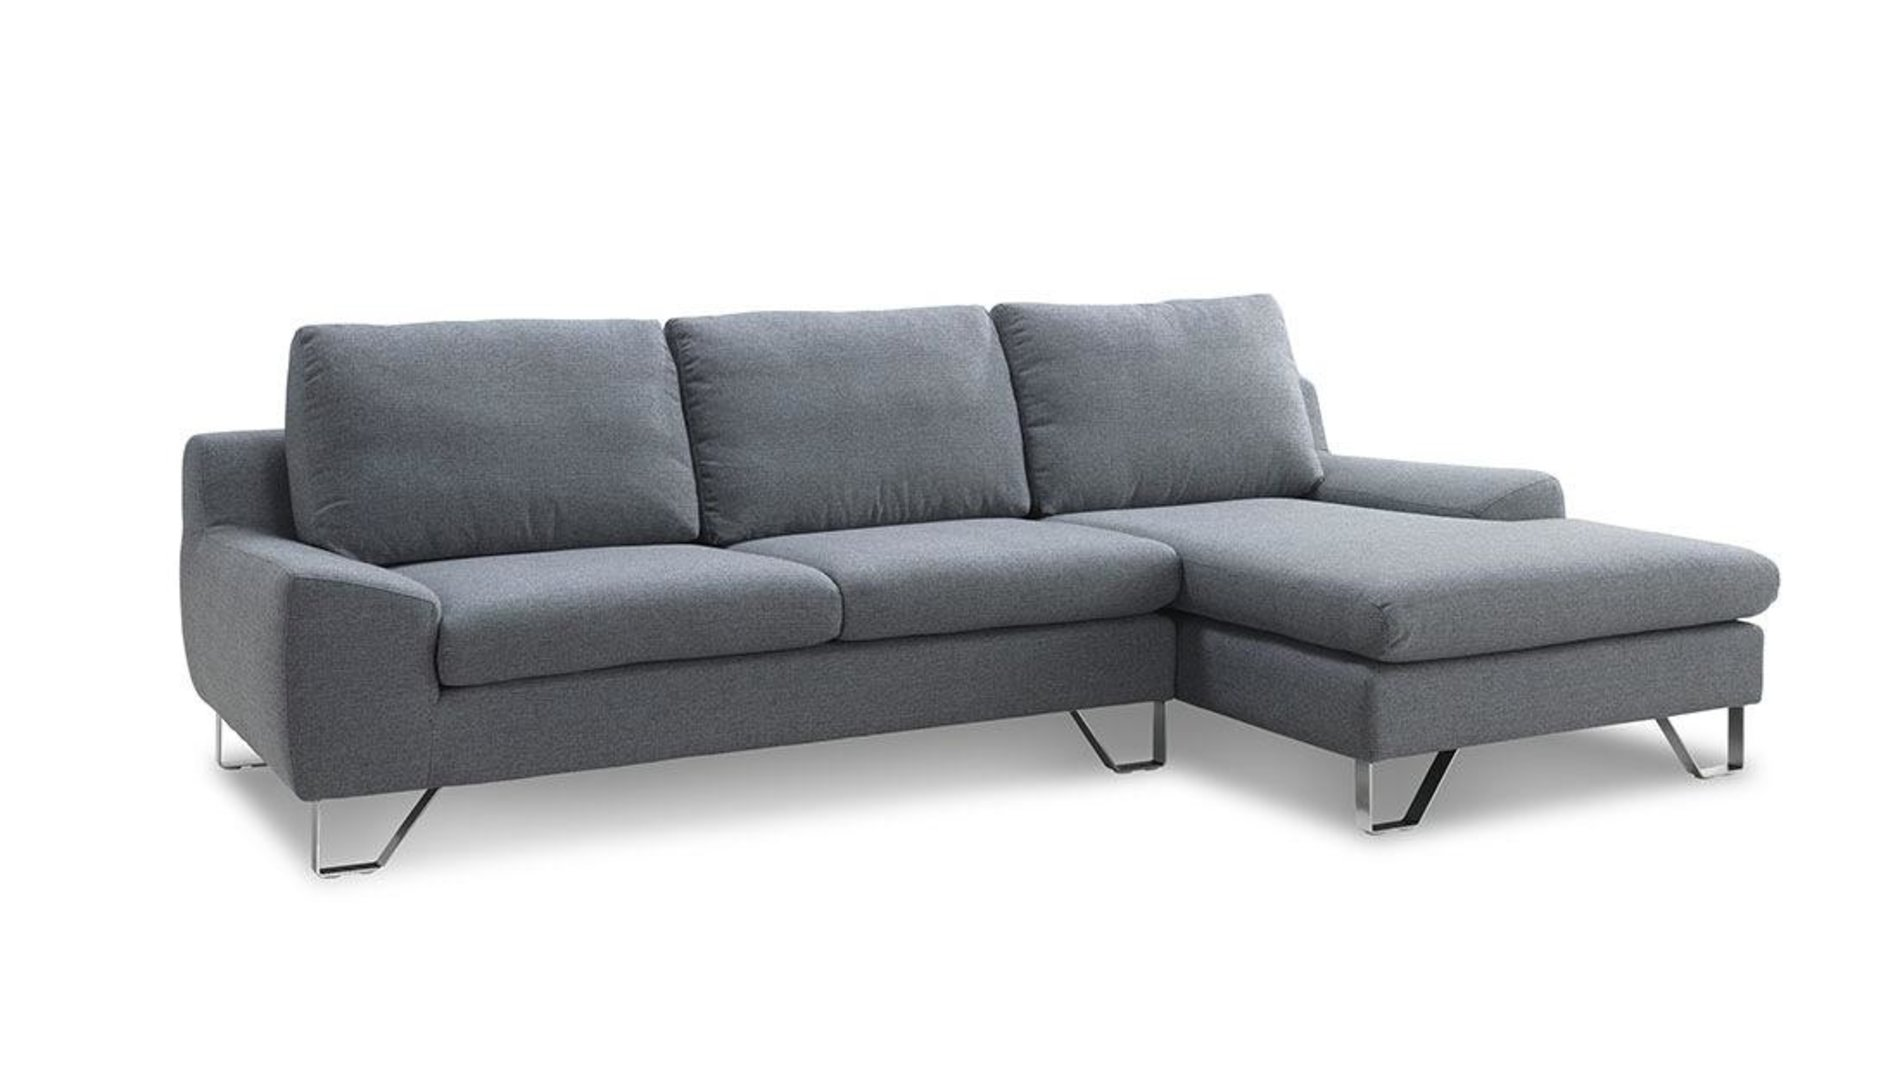 changer les pieds d 39 un canap d 39 angle. Black Bedroom Furniture Sets. Home Design Ideas